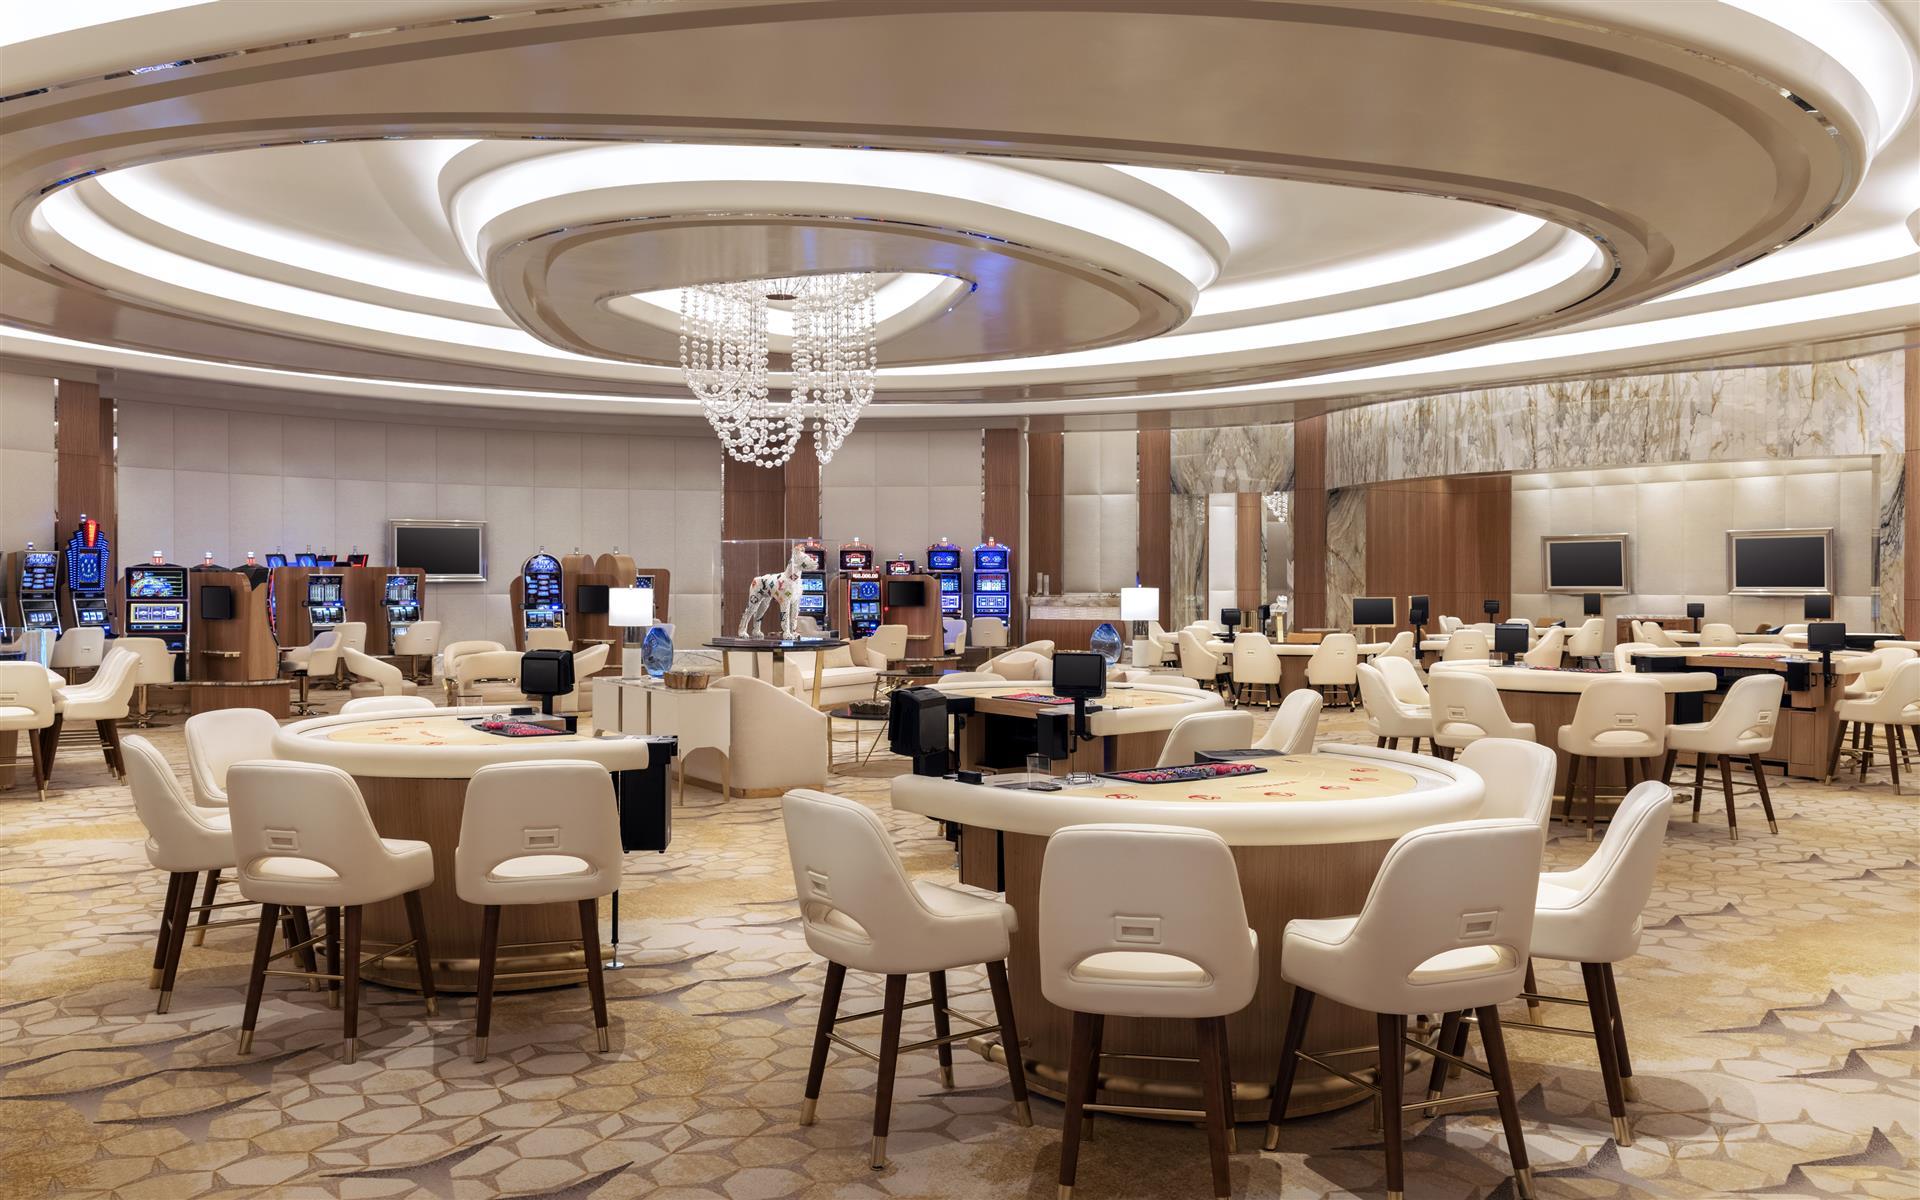 Casino-Bereich, Spieltische, Stühle